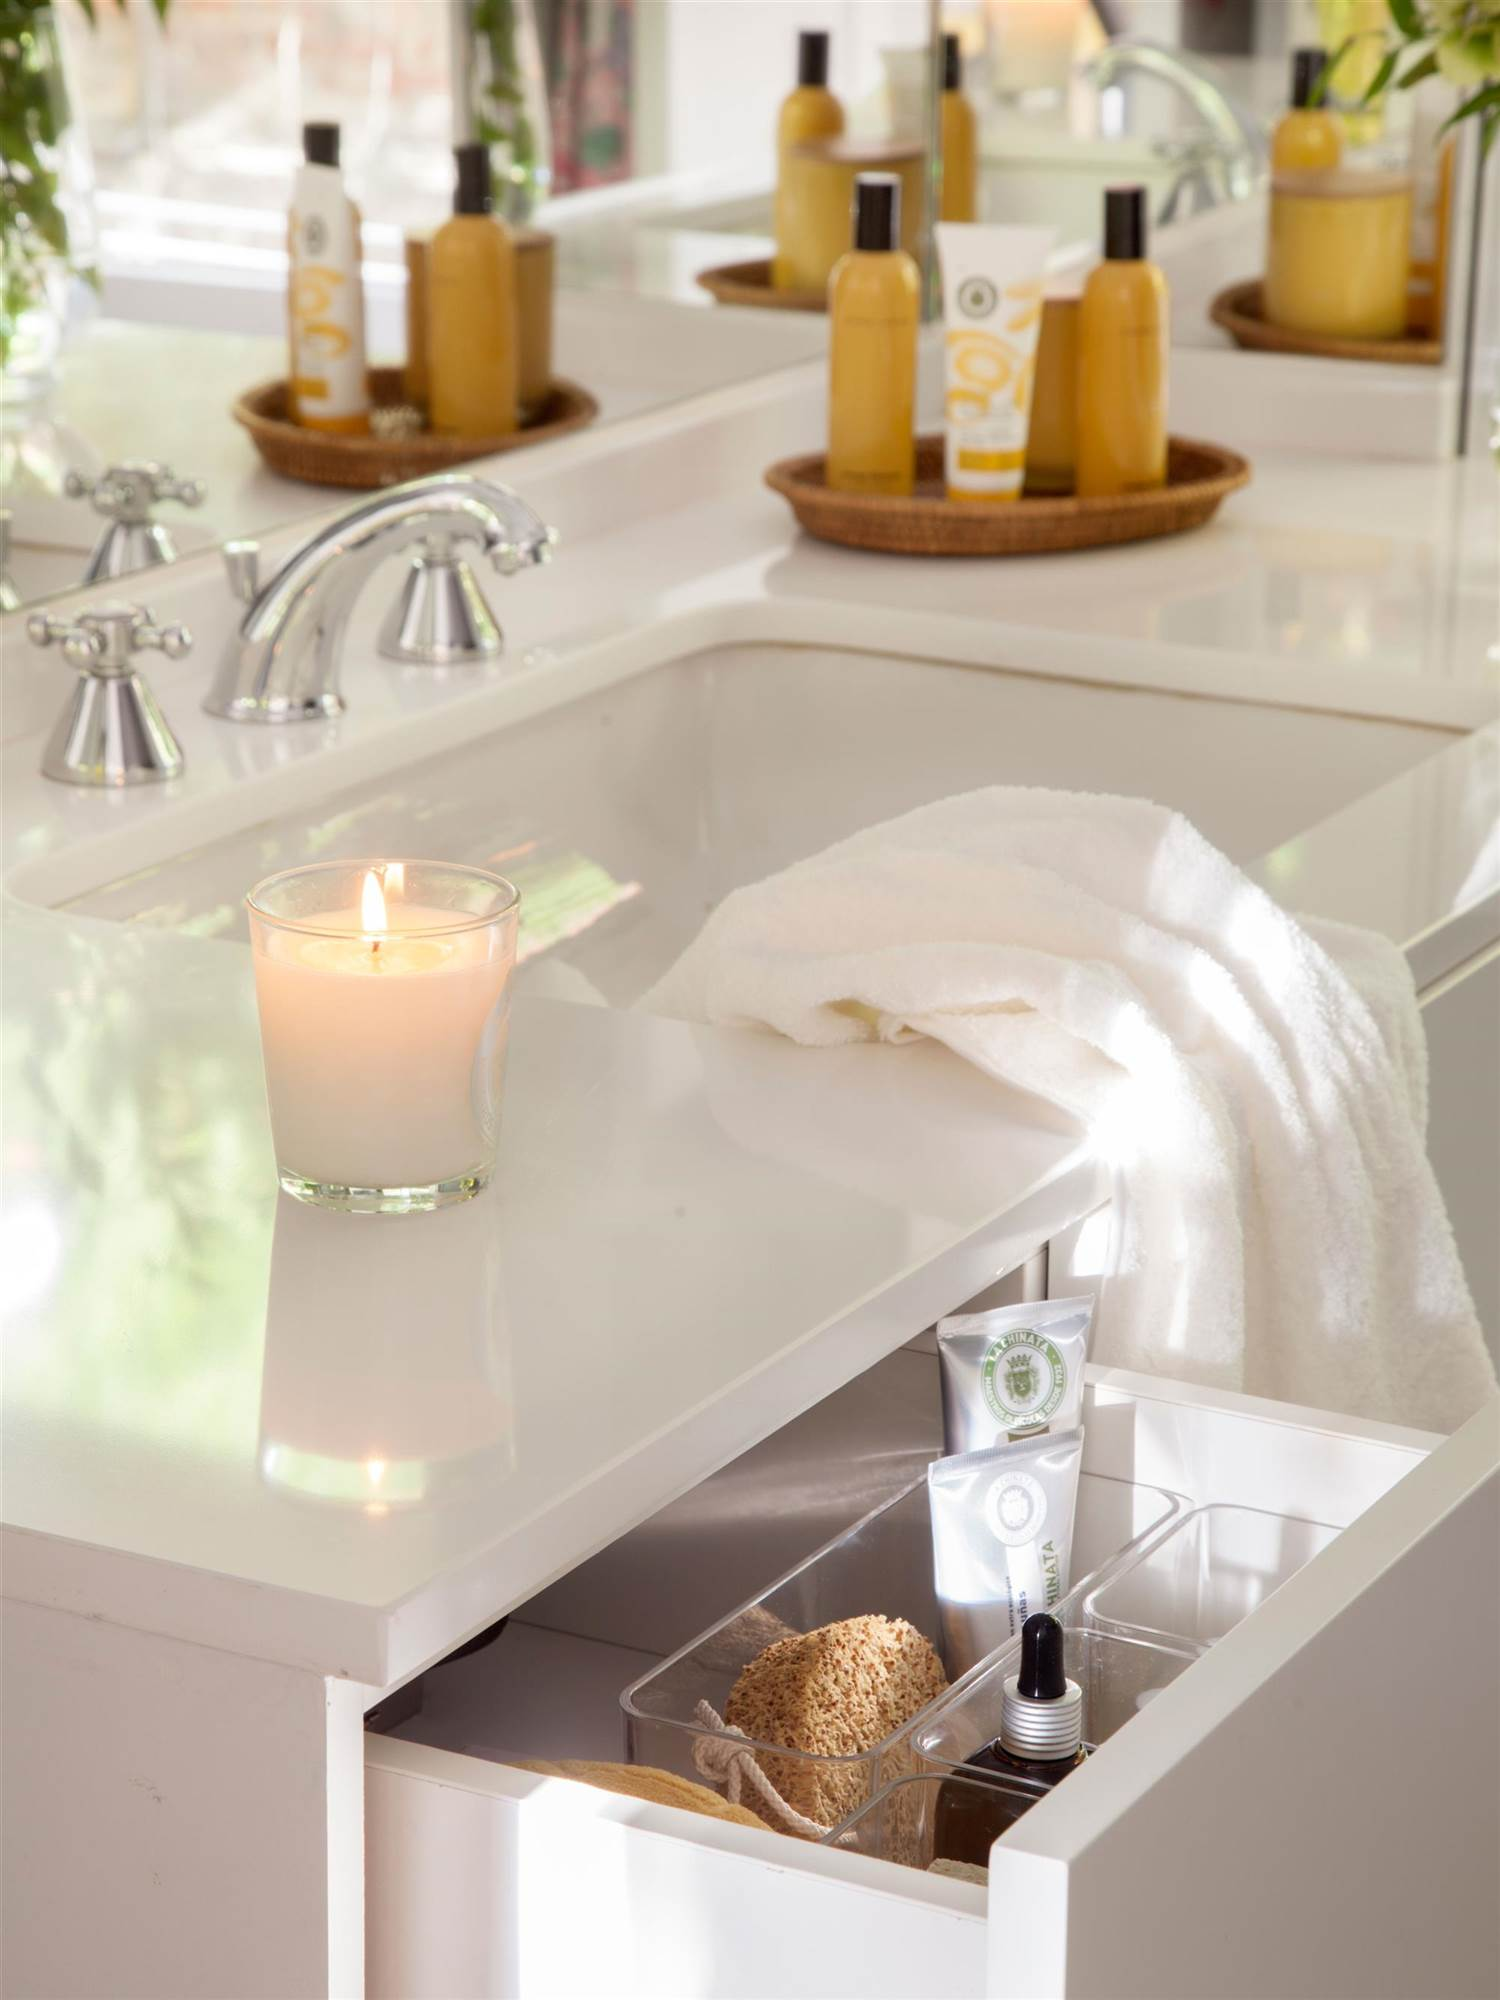 Accesorios prácticos y decorativos para el baño